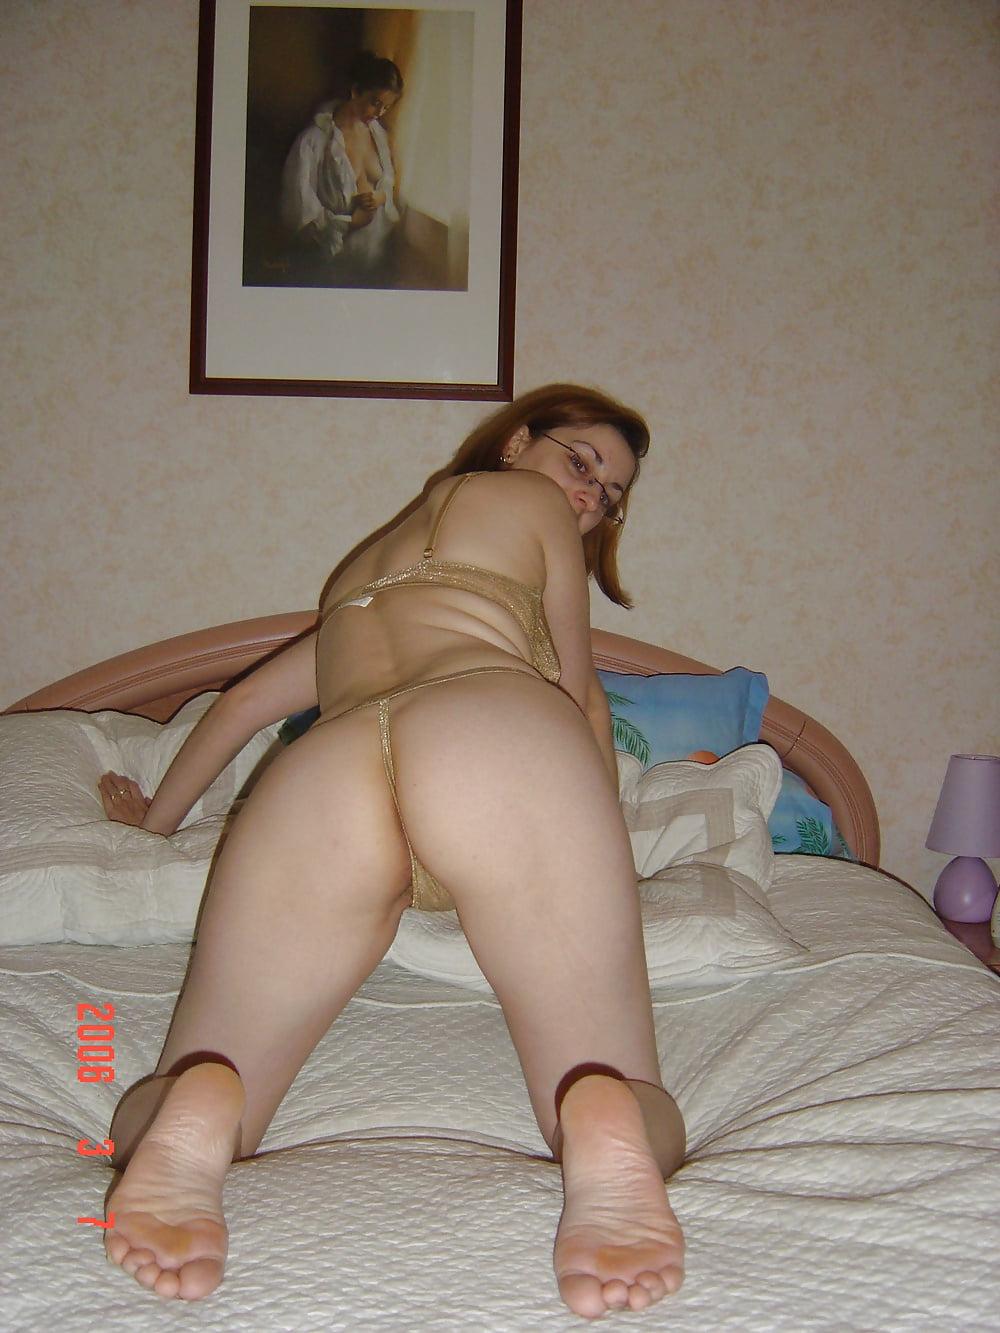 Celine amateur sex nude